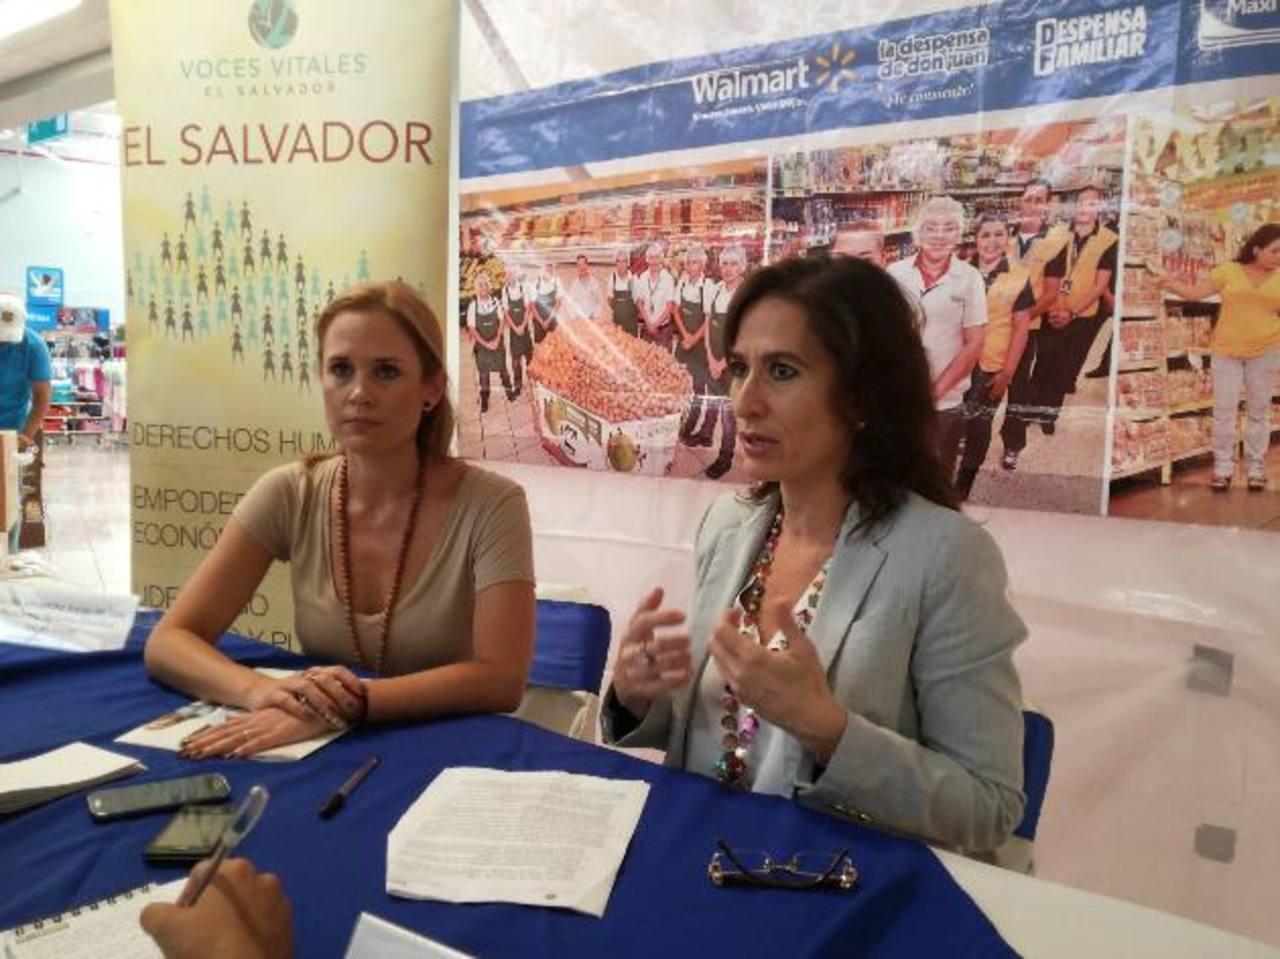 Alexandra Araujo de Sola , de Voces Vitales y Claudia de Ibáñez , de Walmart. Foto EDH /david rezzio